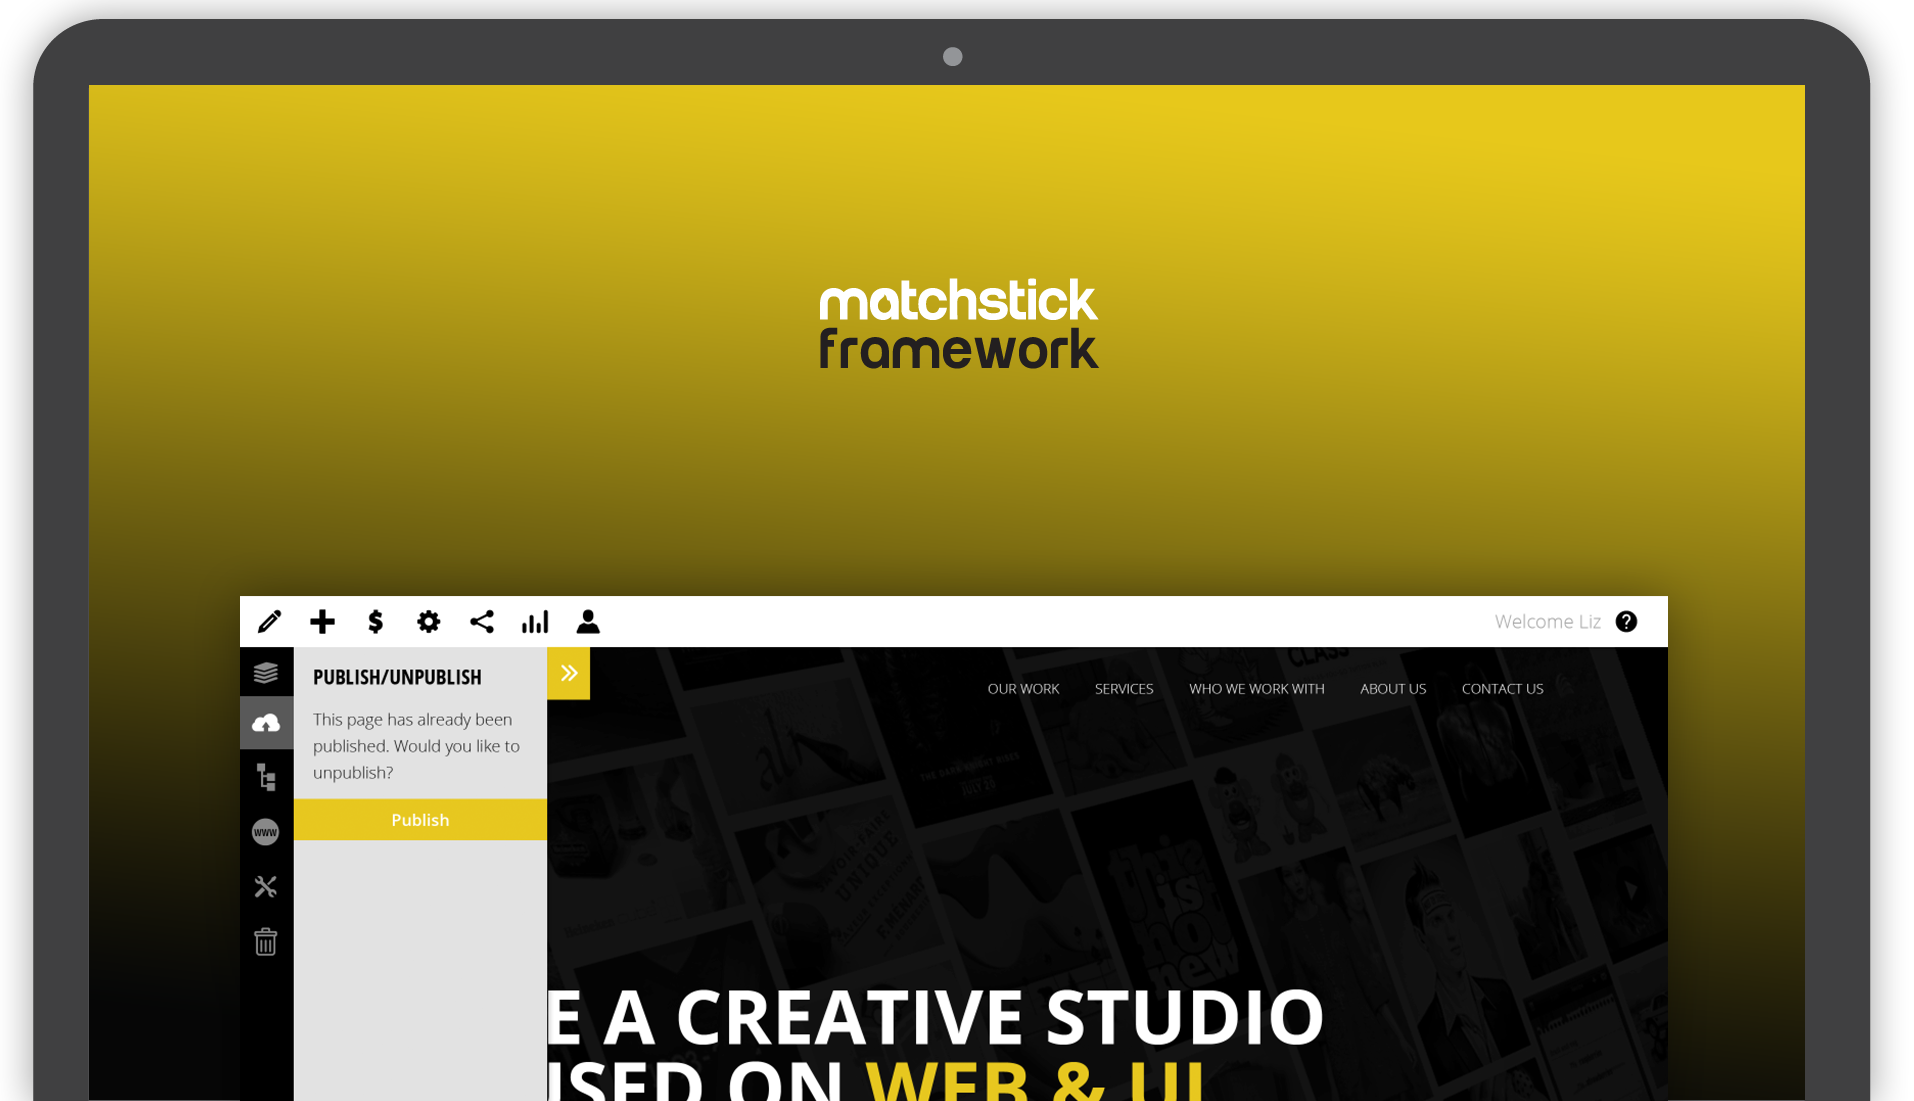 matchstick framework desktop example screen